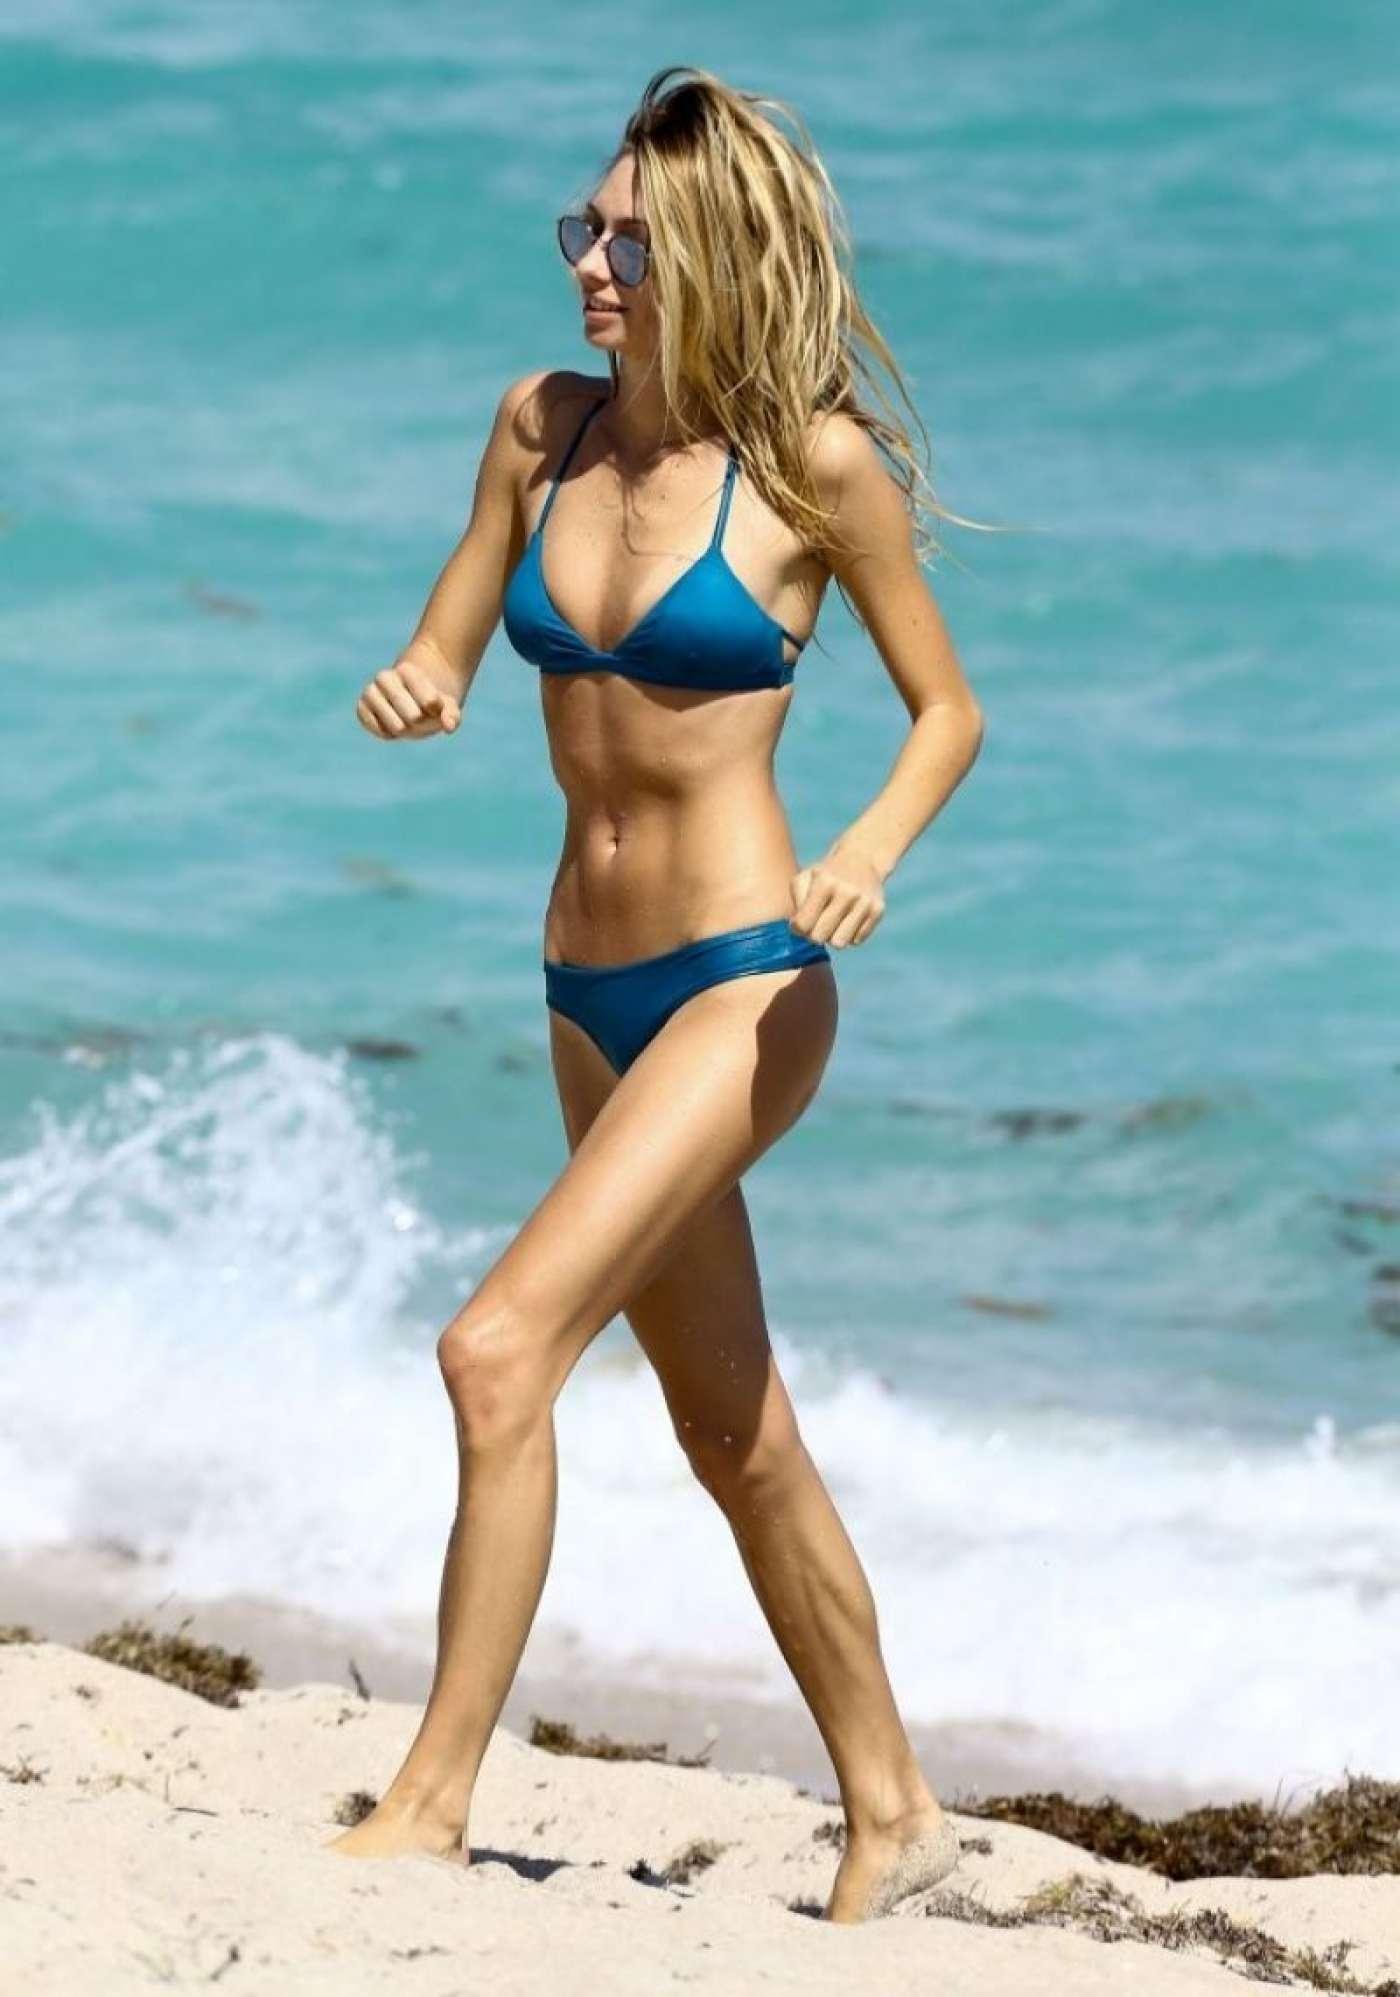 Brianna Addolorato 2017 : Brianna Addolorato in Blue Bikini 2017 -03